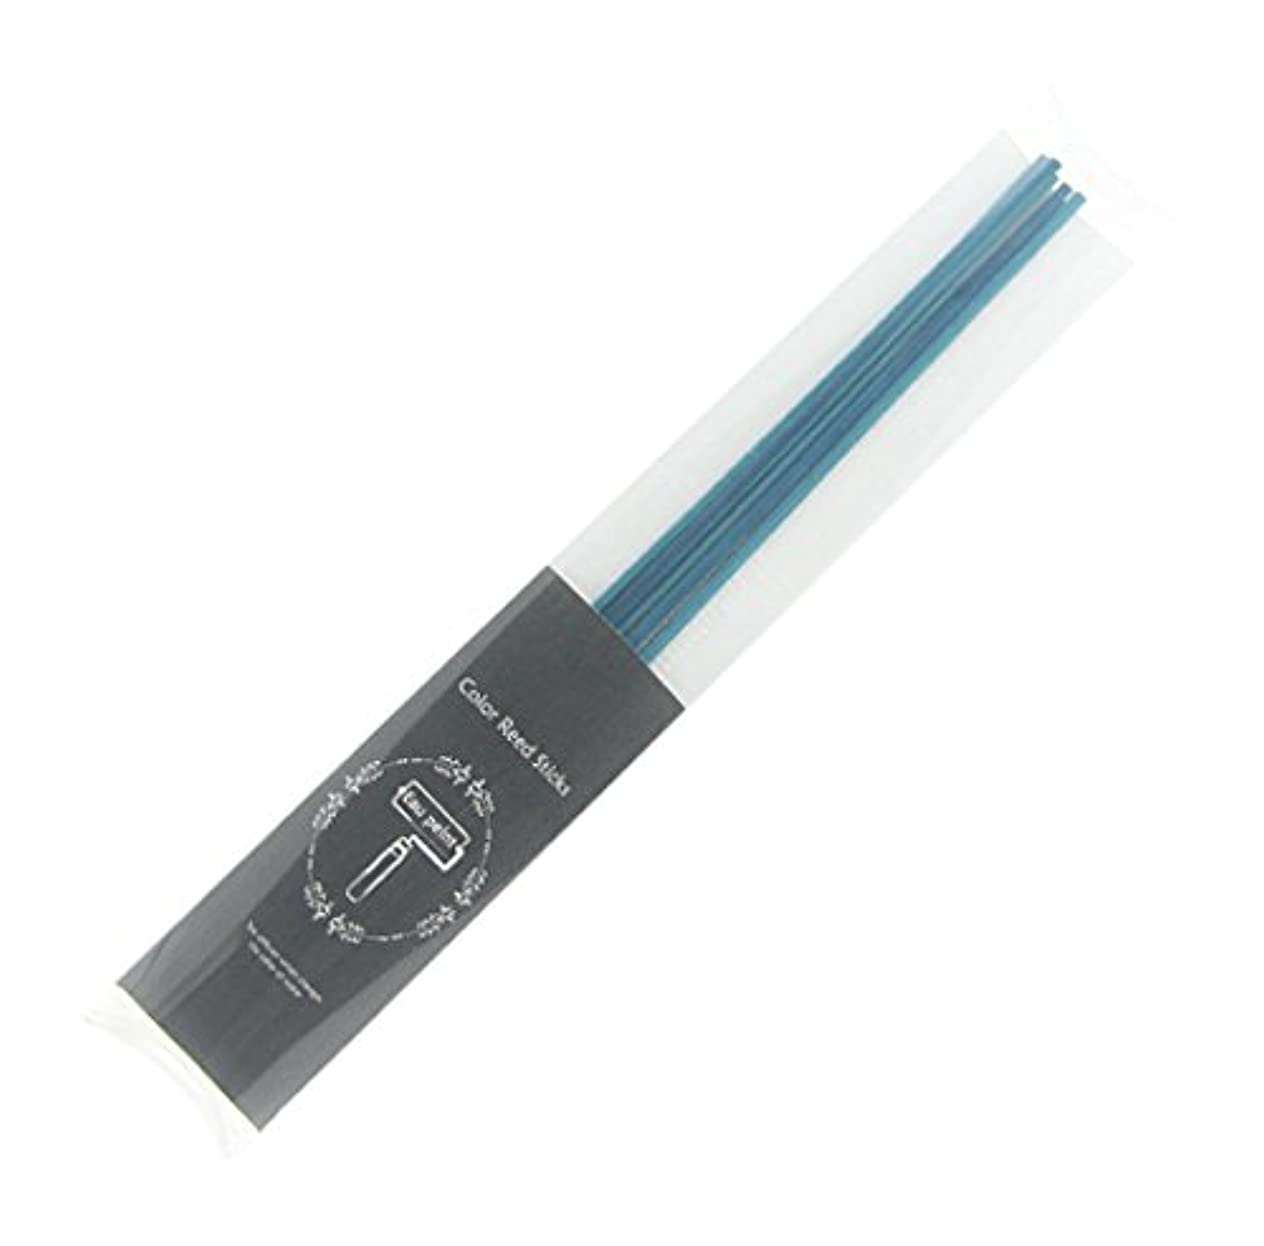 酸化物適応するインフレーションEau peint mais+ カラースティック リードディフューザー用スティック 5本入 ブルー Blue オーペイント マイス